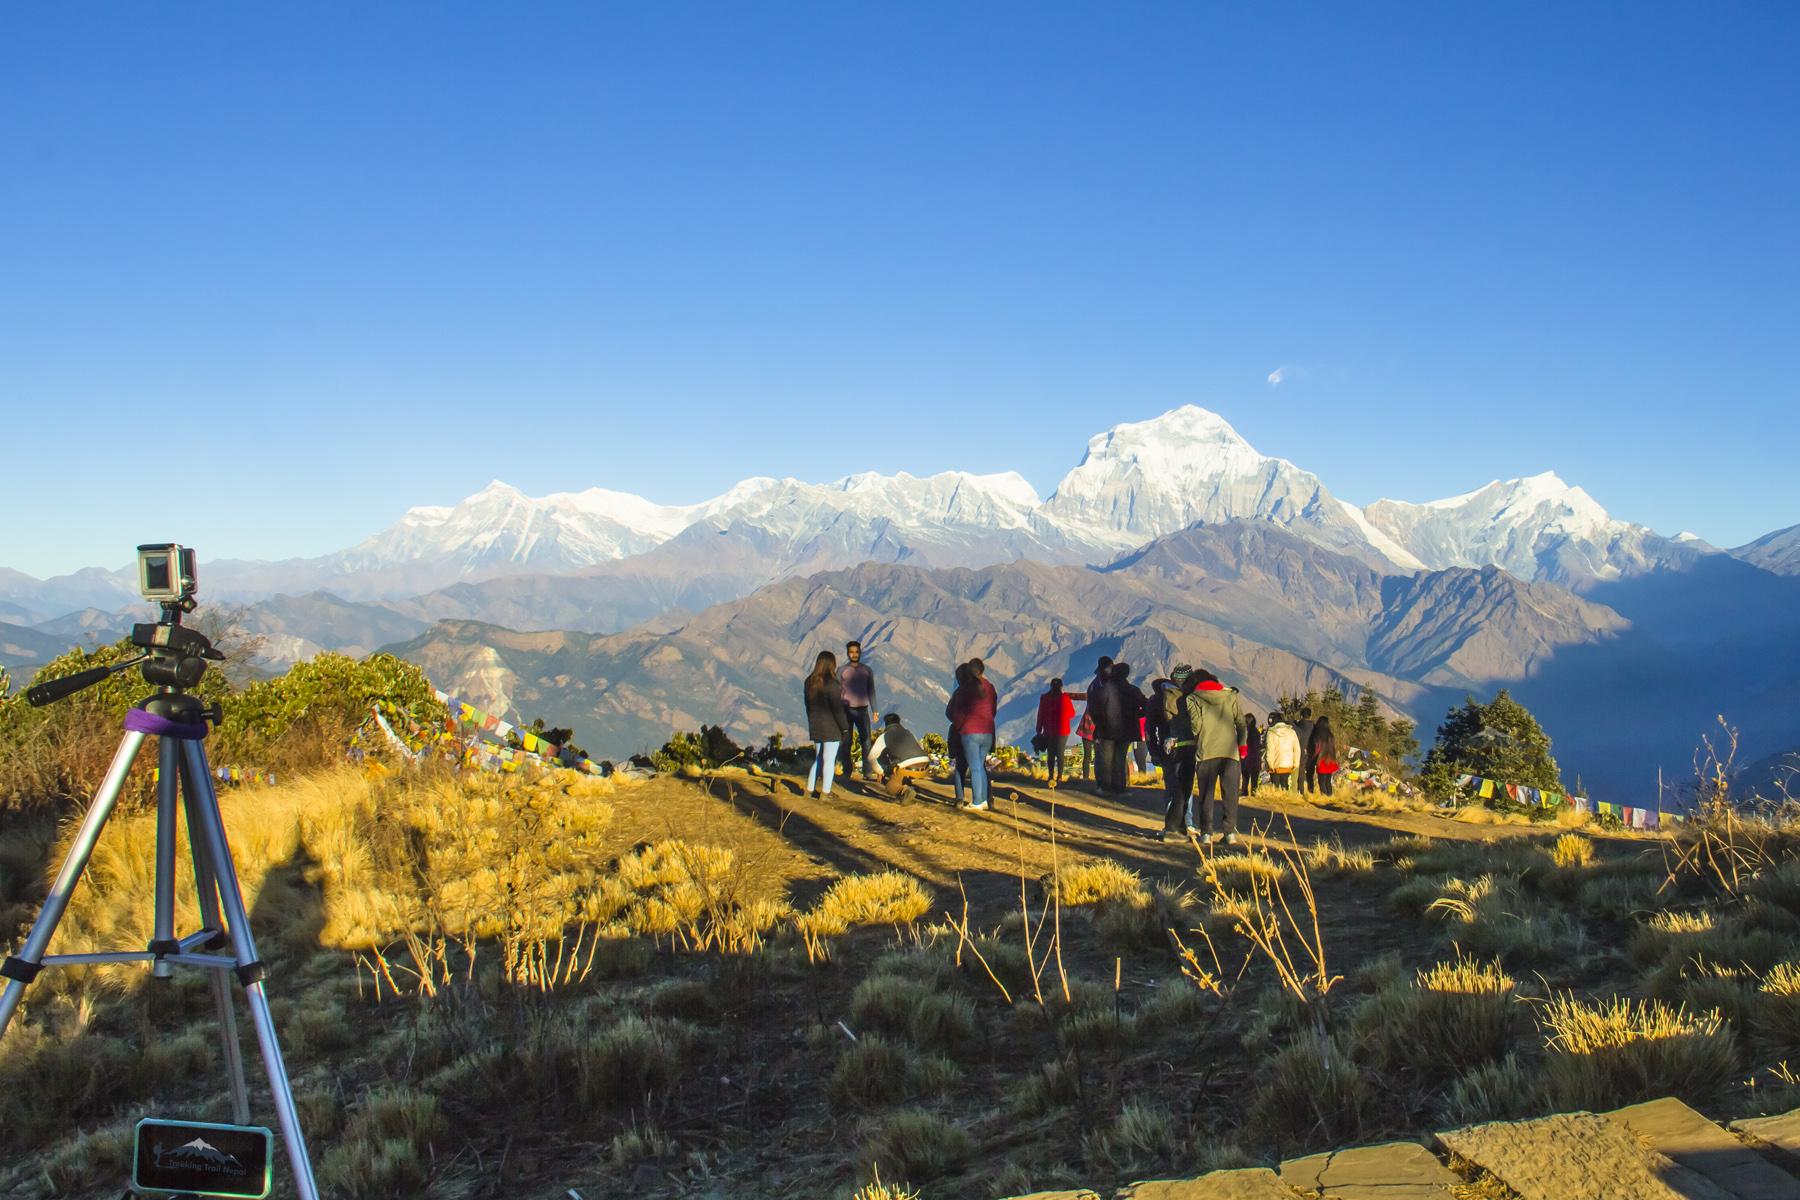 Mt. Dhaulagiri 7th Highest Mountain